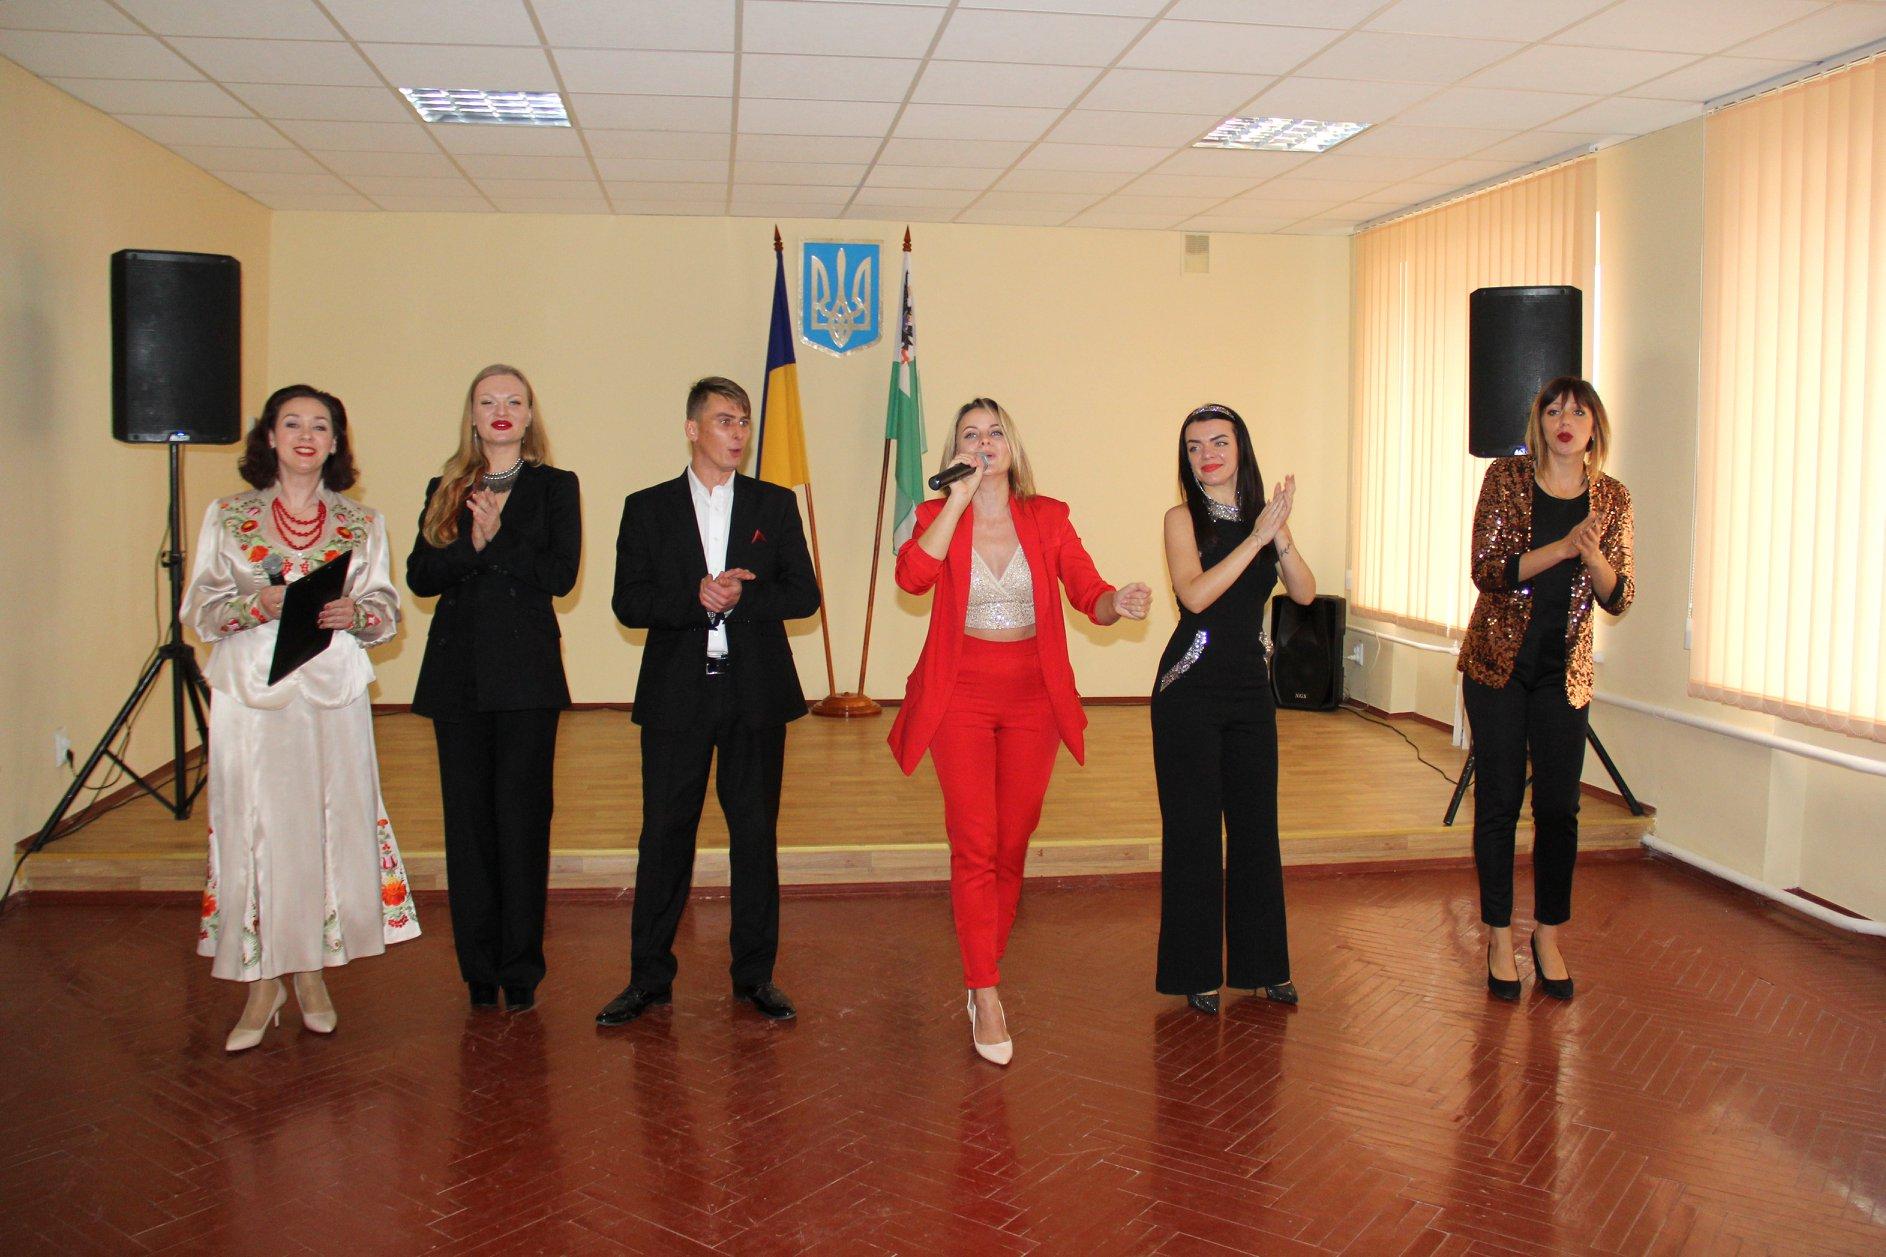 Святковою концертною програмою вітали в Чернігові захисників і захисниць (Фото)